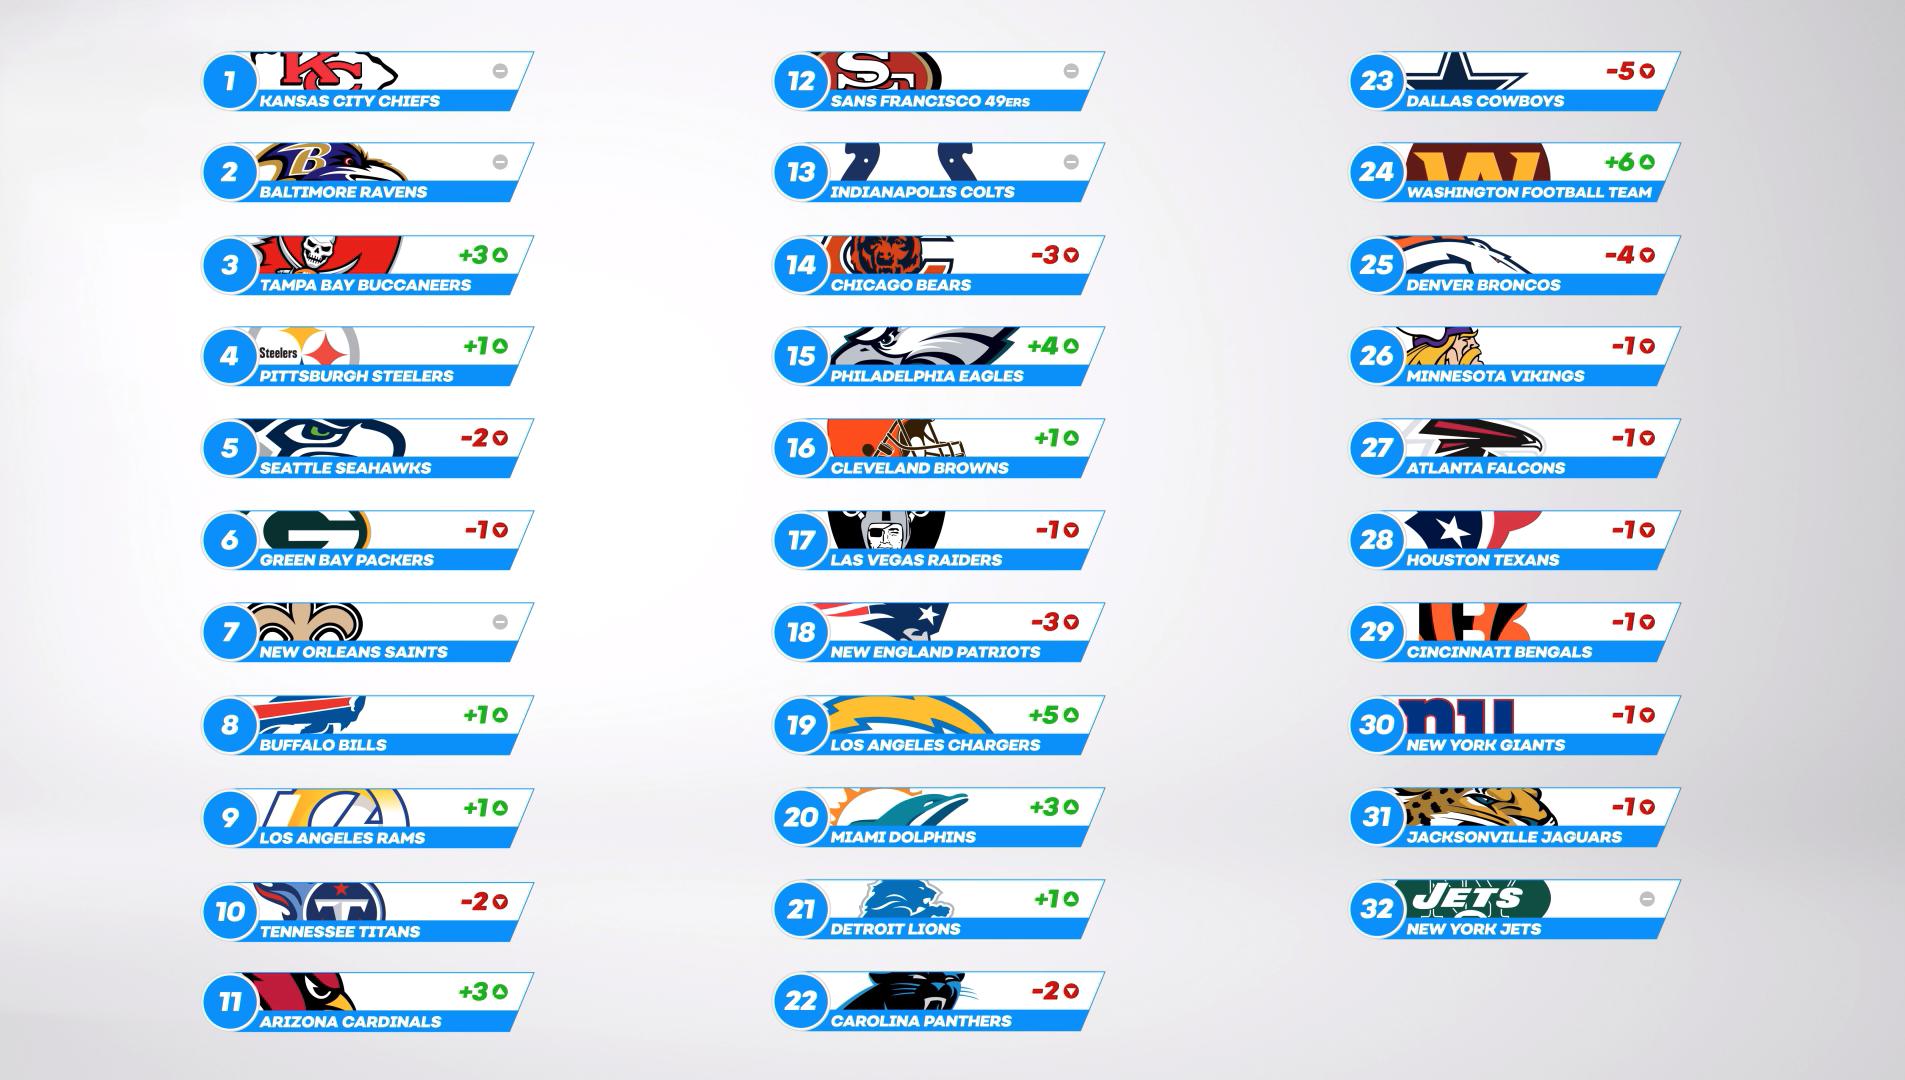 NFL Power Rankings Full List - Week 9